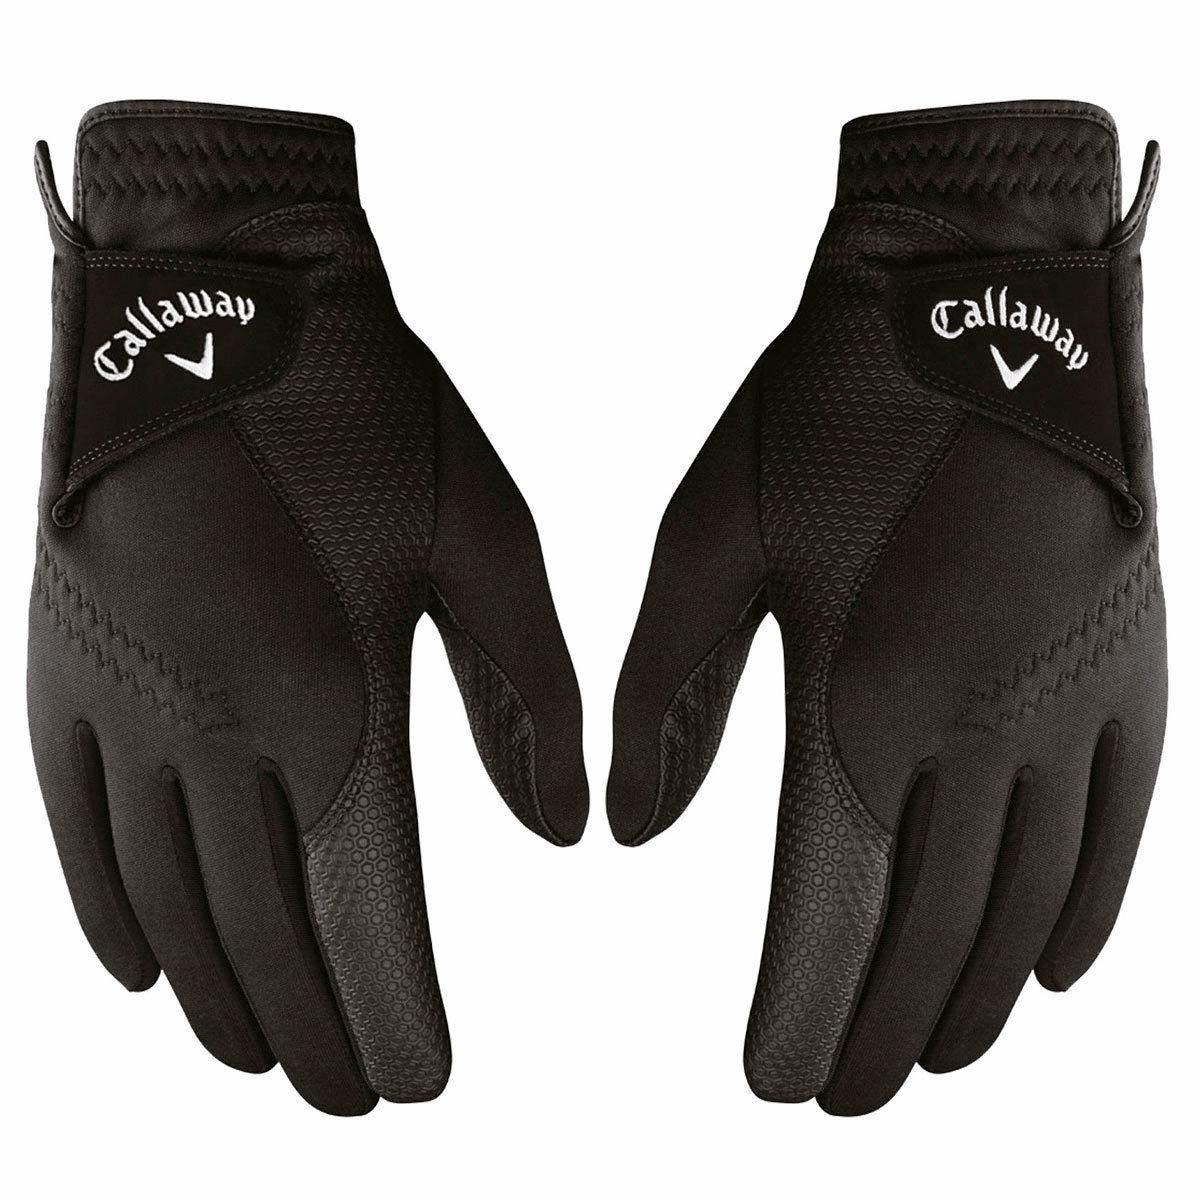 Callaway Thermal grip heren winter handschoen - paar